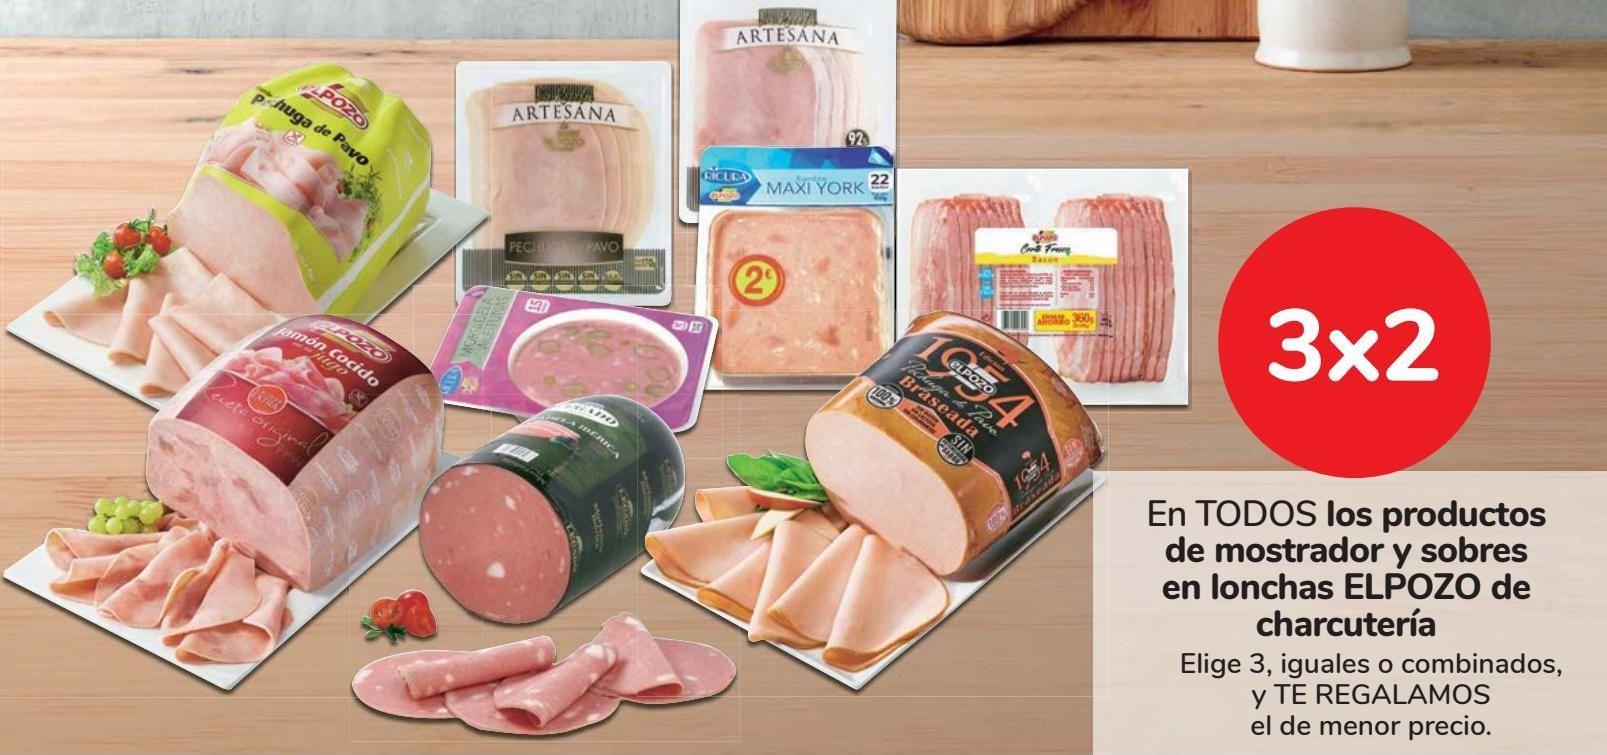 Oferta de En TODOS los productos de mostrador y sobres en lonchas EL POZO de charcutería por